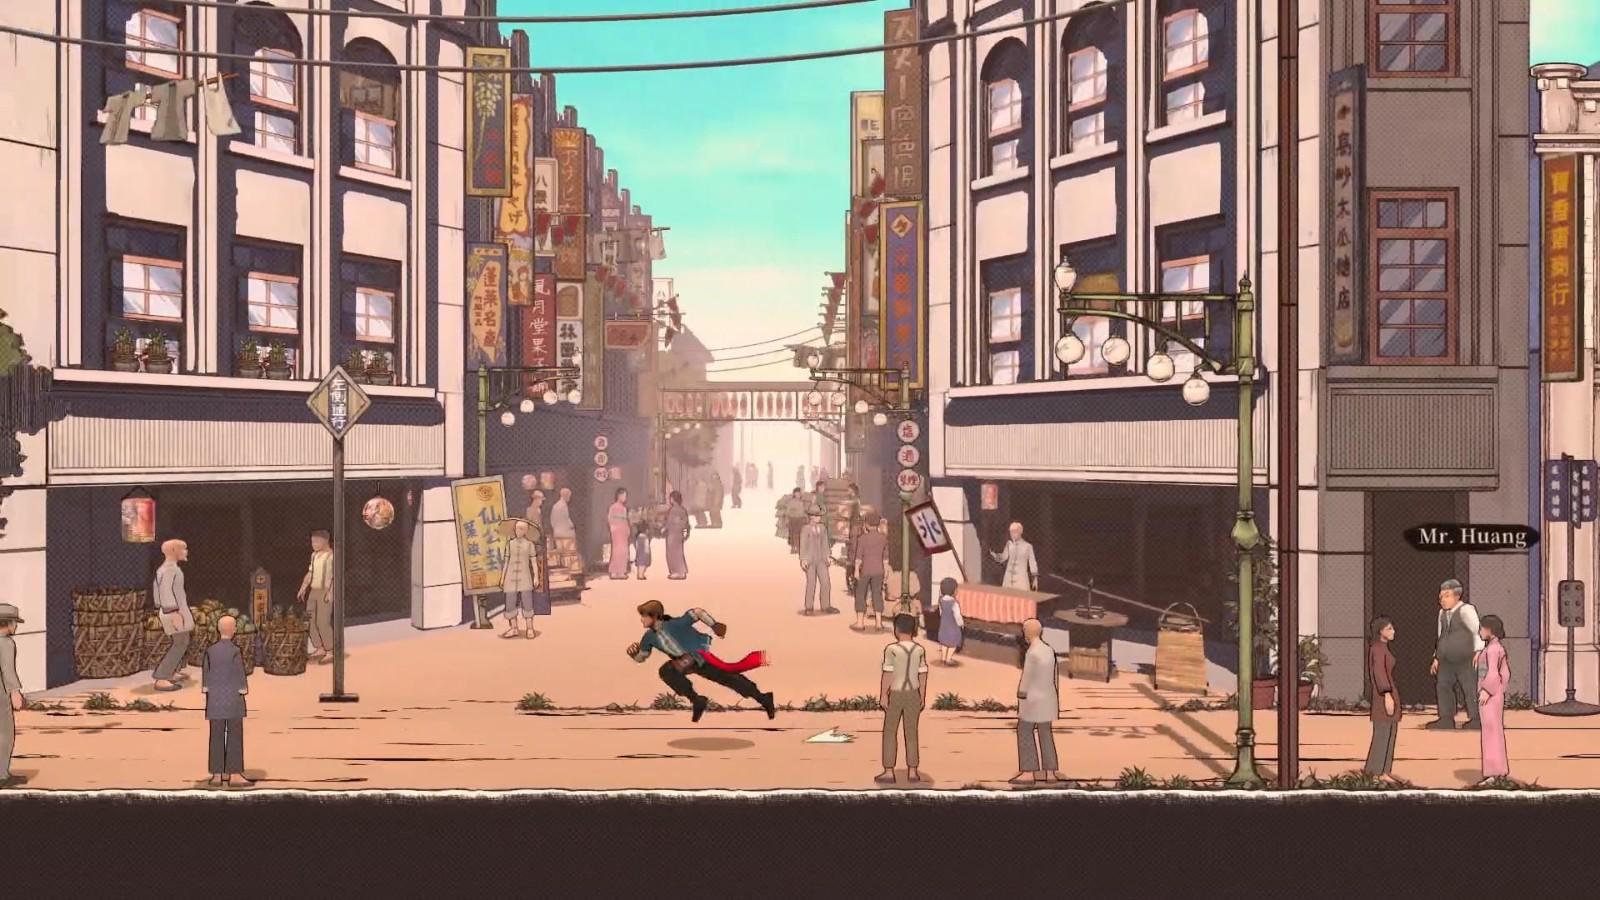 抗日奇侠游戏《廖添丁》试玩Demo上线 体验第一章